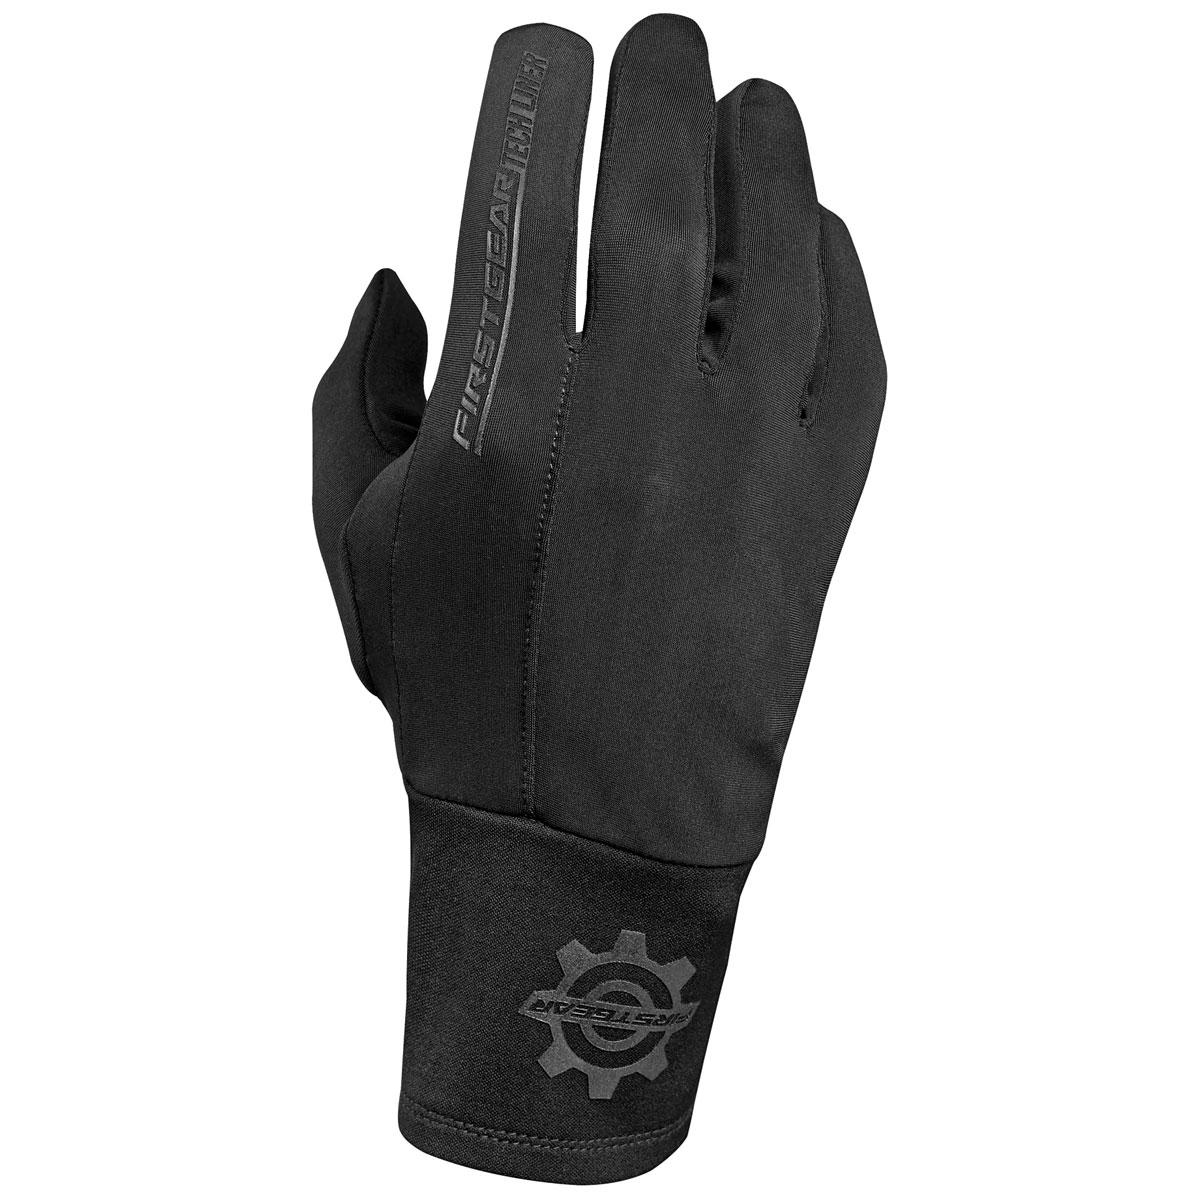 Firstgear Men's Tech Black Glove Liners